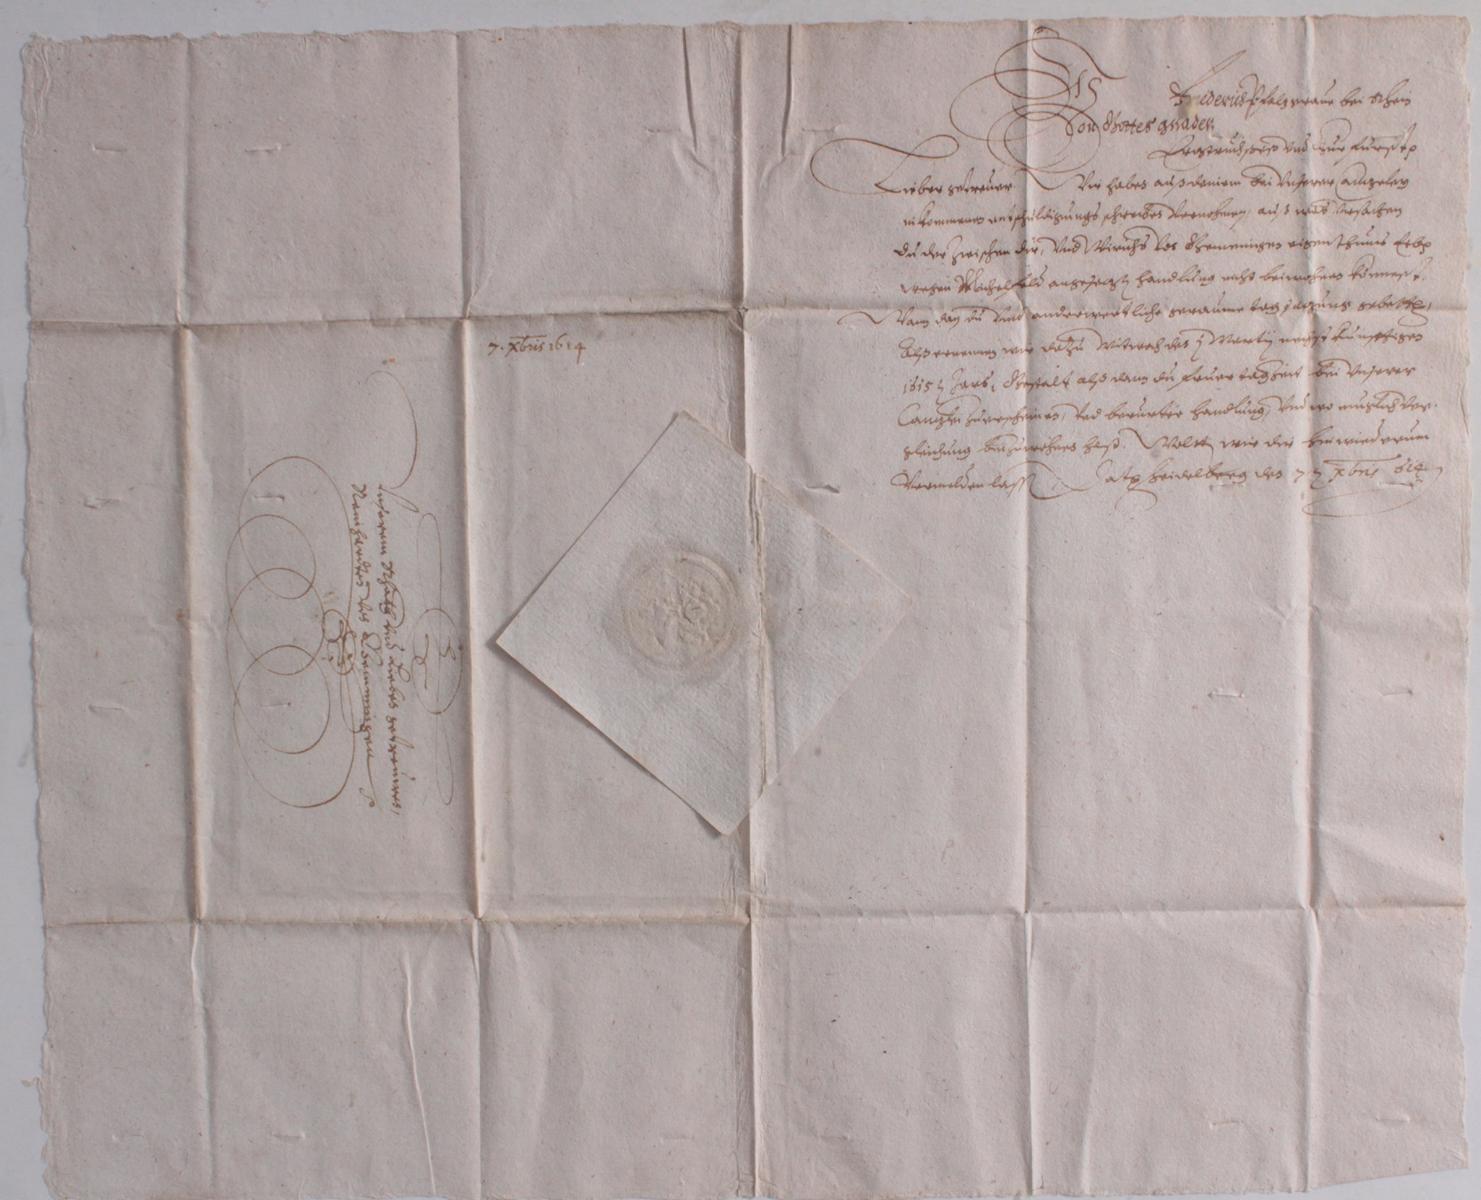 Samlung Altbriefe, Vorphilatelie, Meisterbrief und Dokumente-13